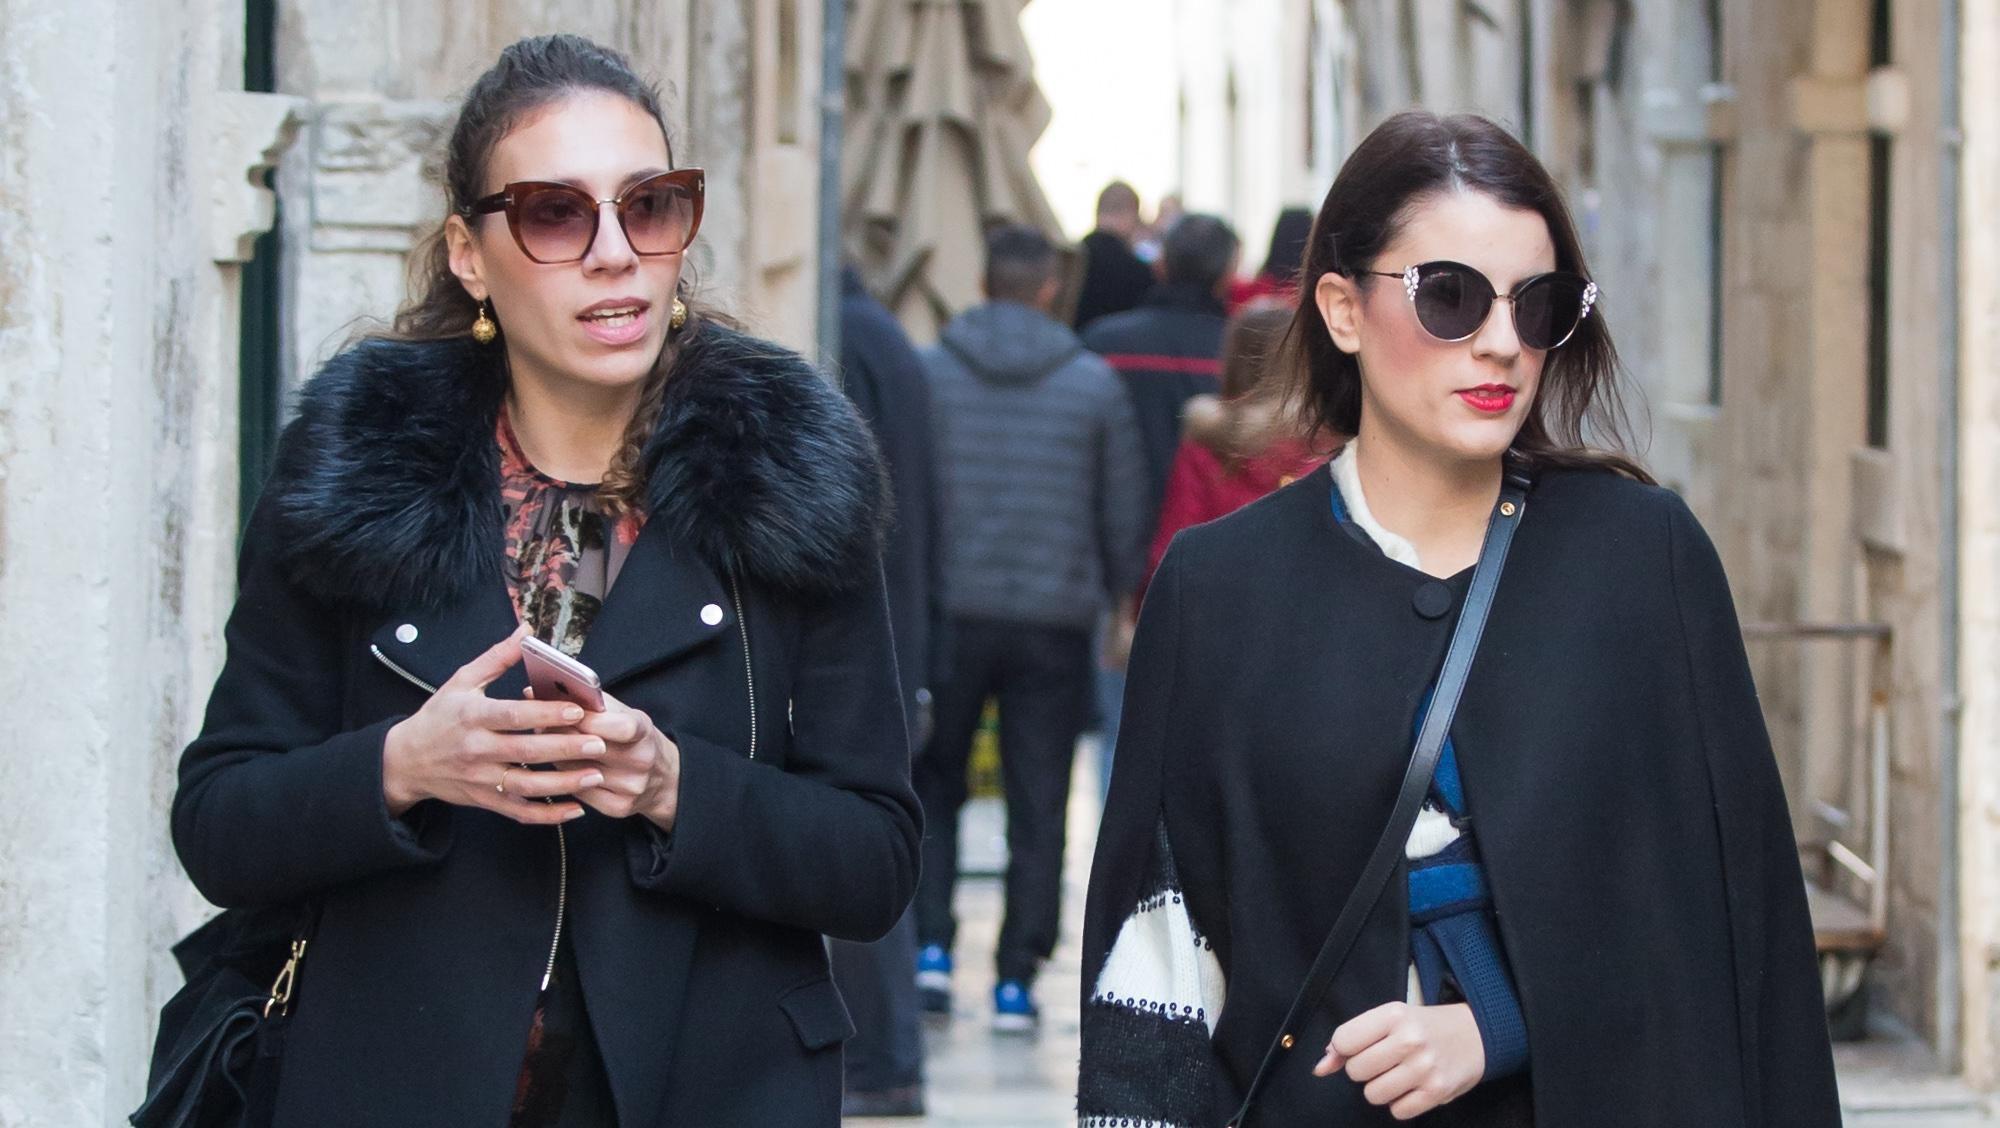 Učite od njih: Dvije prijateljice savršeno isfurale trendove, a ipak ostale svoje!